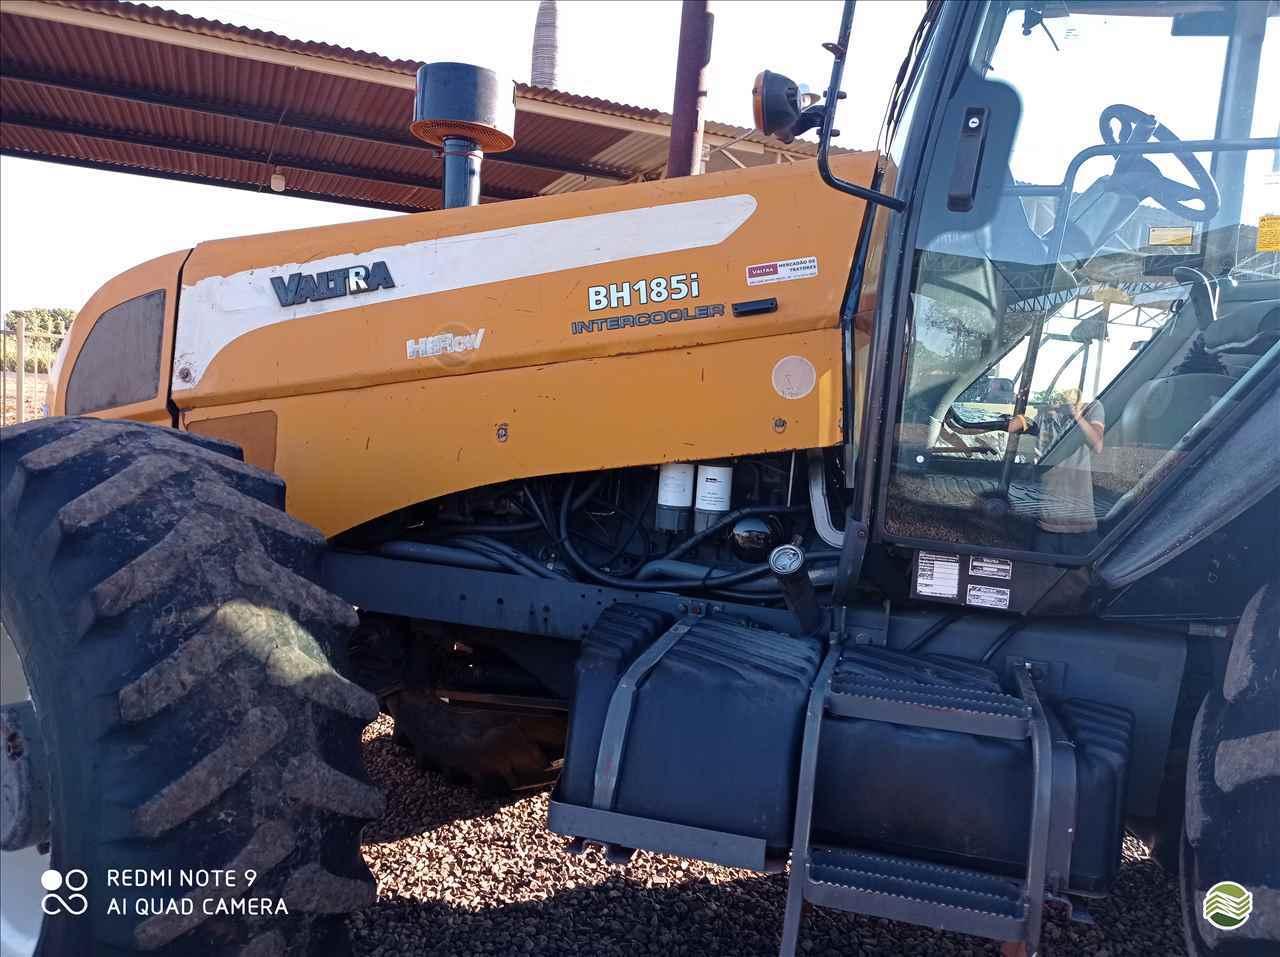 VALTRA VALTRA BH 185  2014/2014 Cidinho Máquinas e Implementos